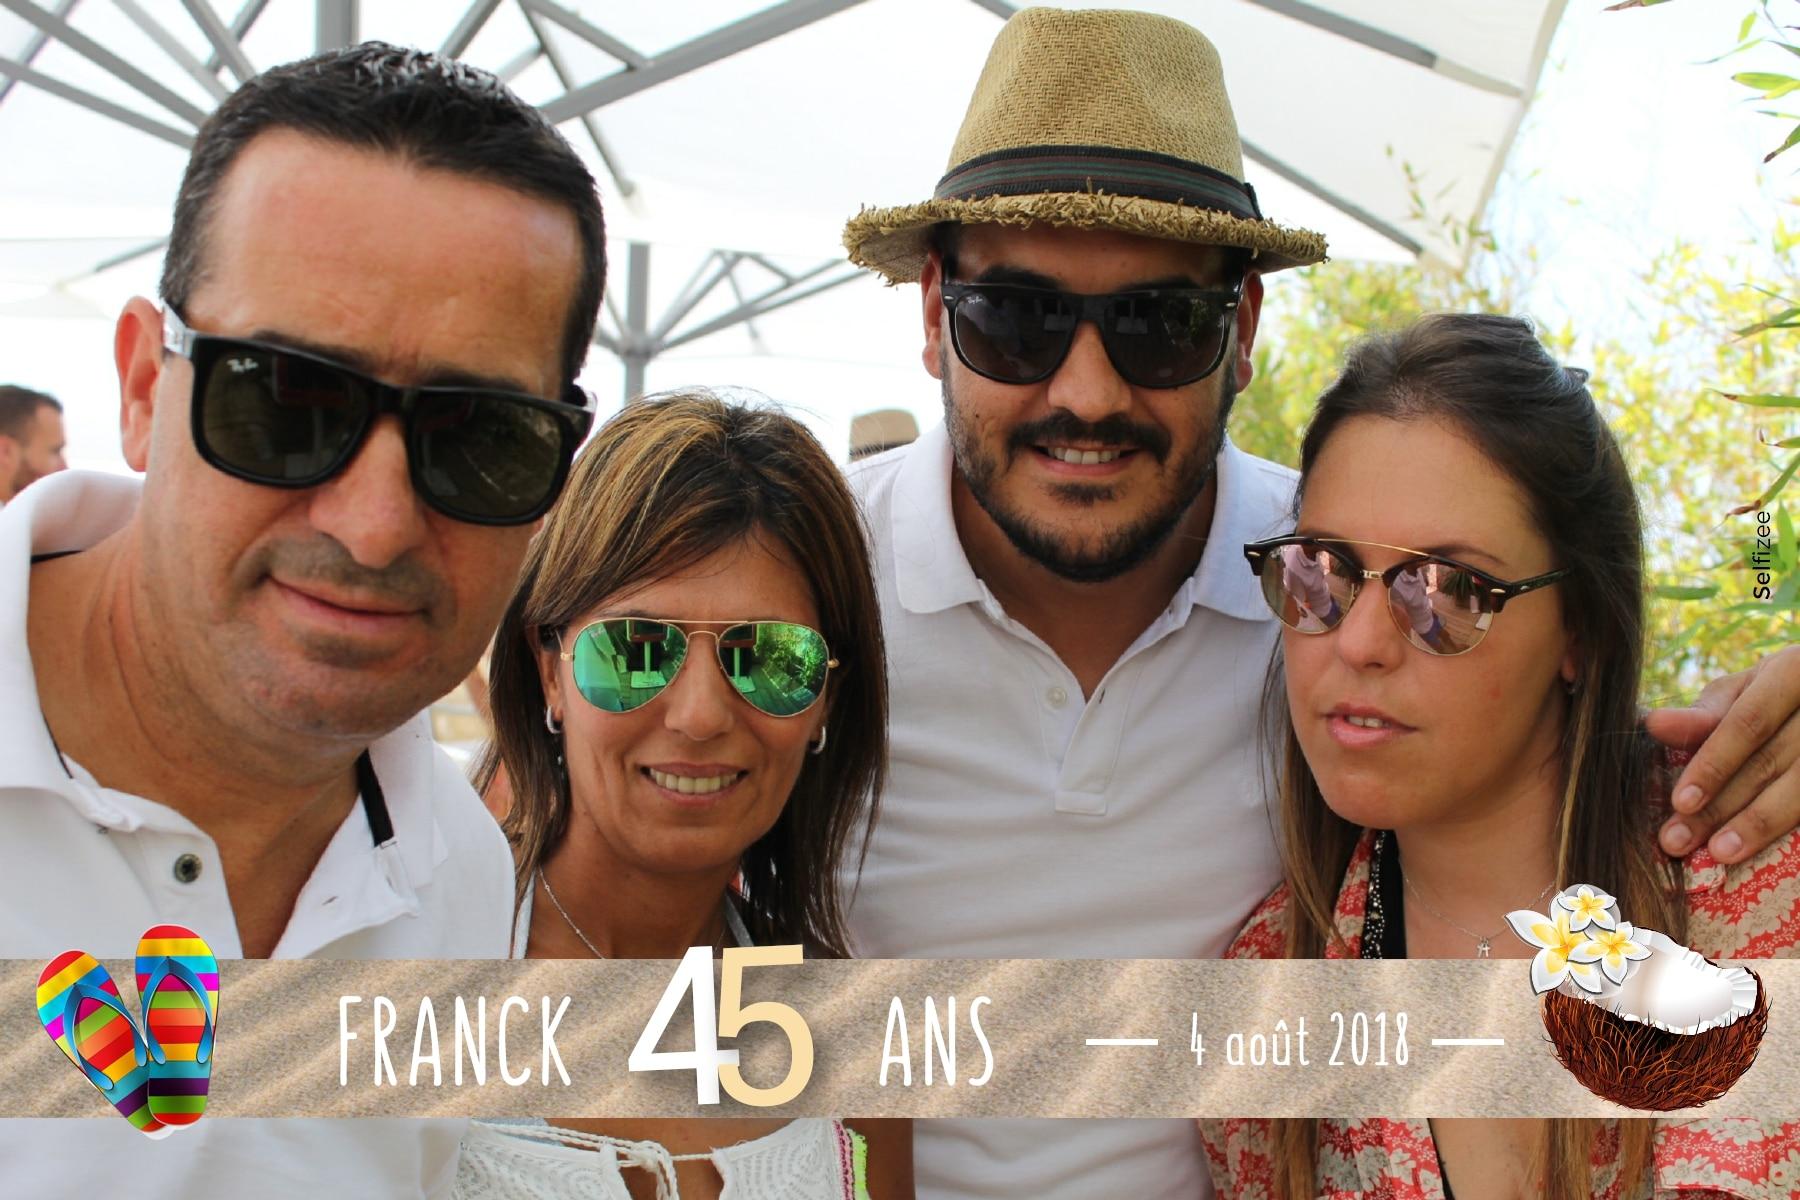 Photo anniversaire personnalisée Cannes - borne selfie à louer pour animation fête anniversaire Cannes et dans les Alpes Maritimes avec impressions photos